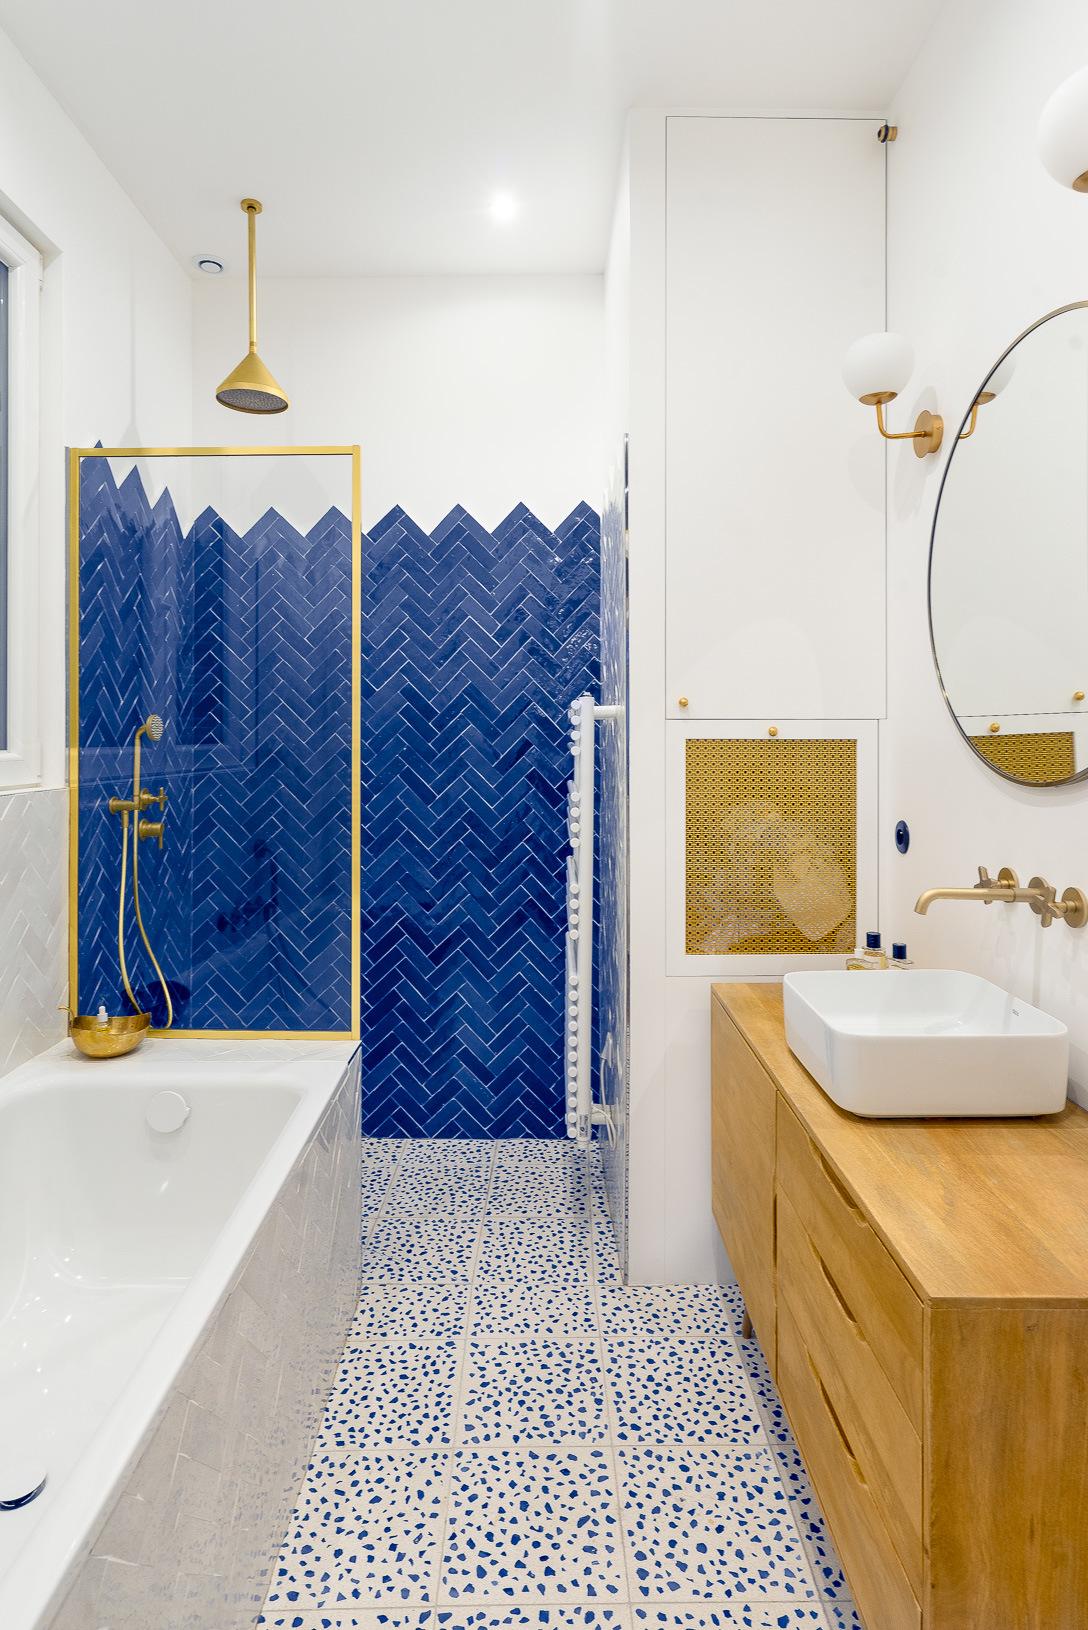 Những bí mật trang trí tường phòng tắm tạo nên không gian vui nhộn, đặc sắc - Ảnh 8.